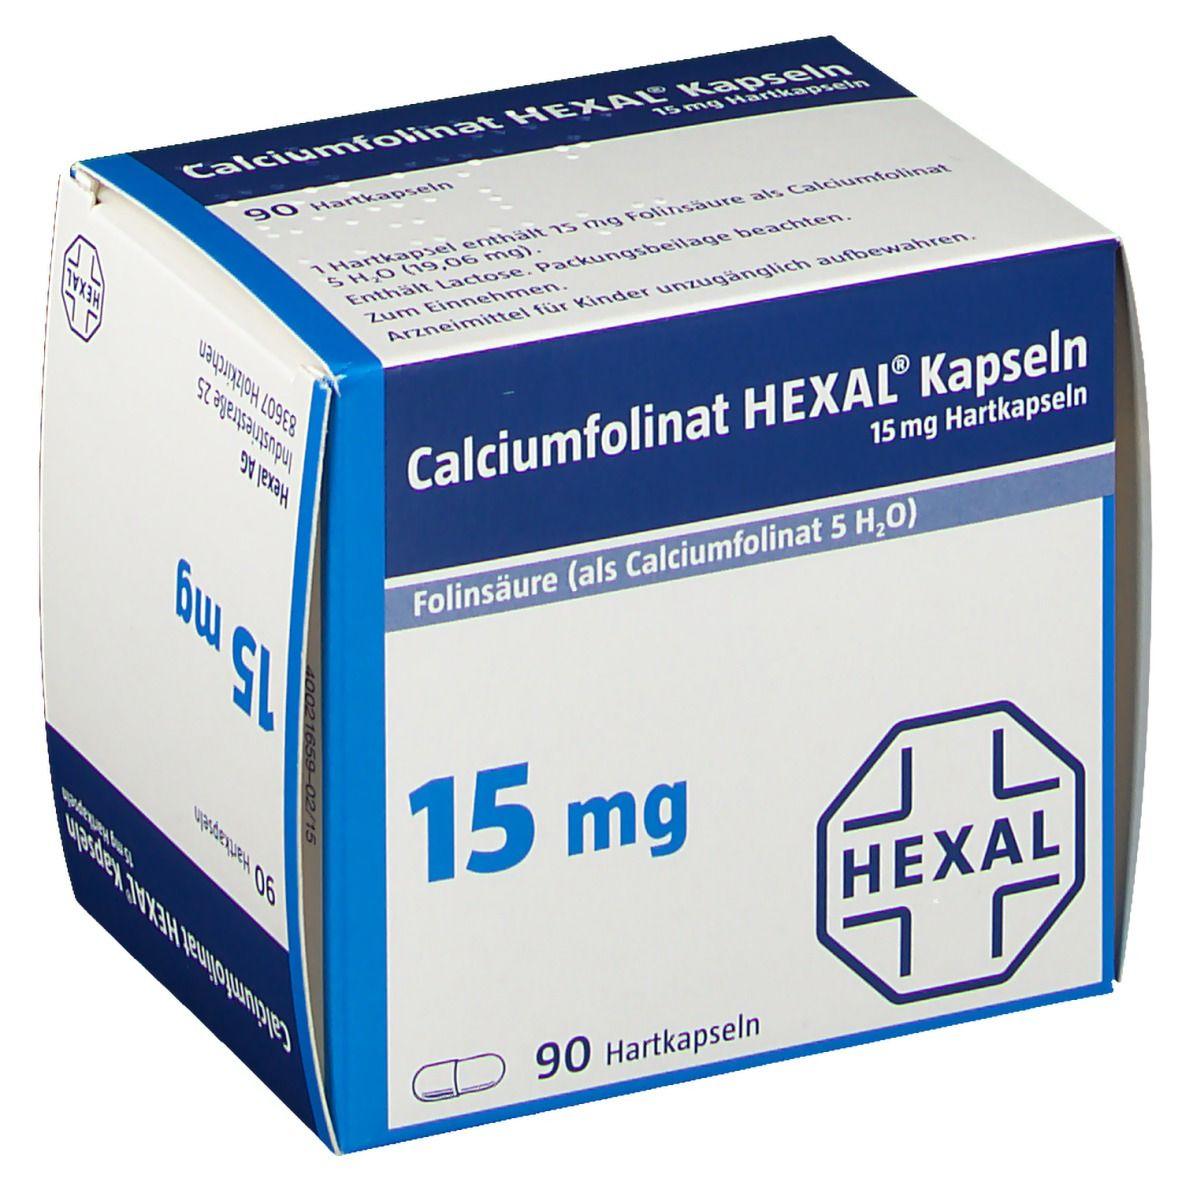 Calciumfolinat HEXAL®15 mg Kapseln